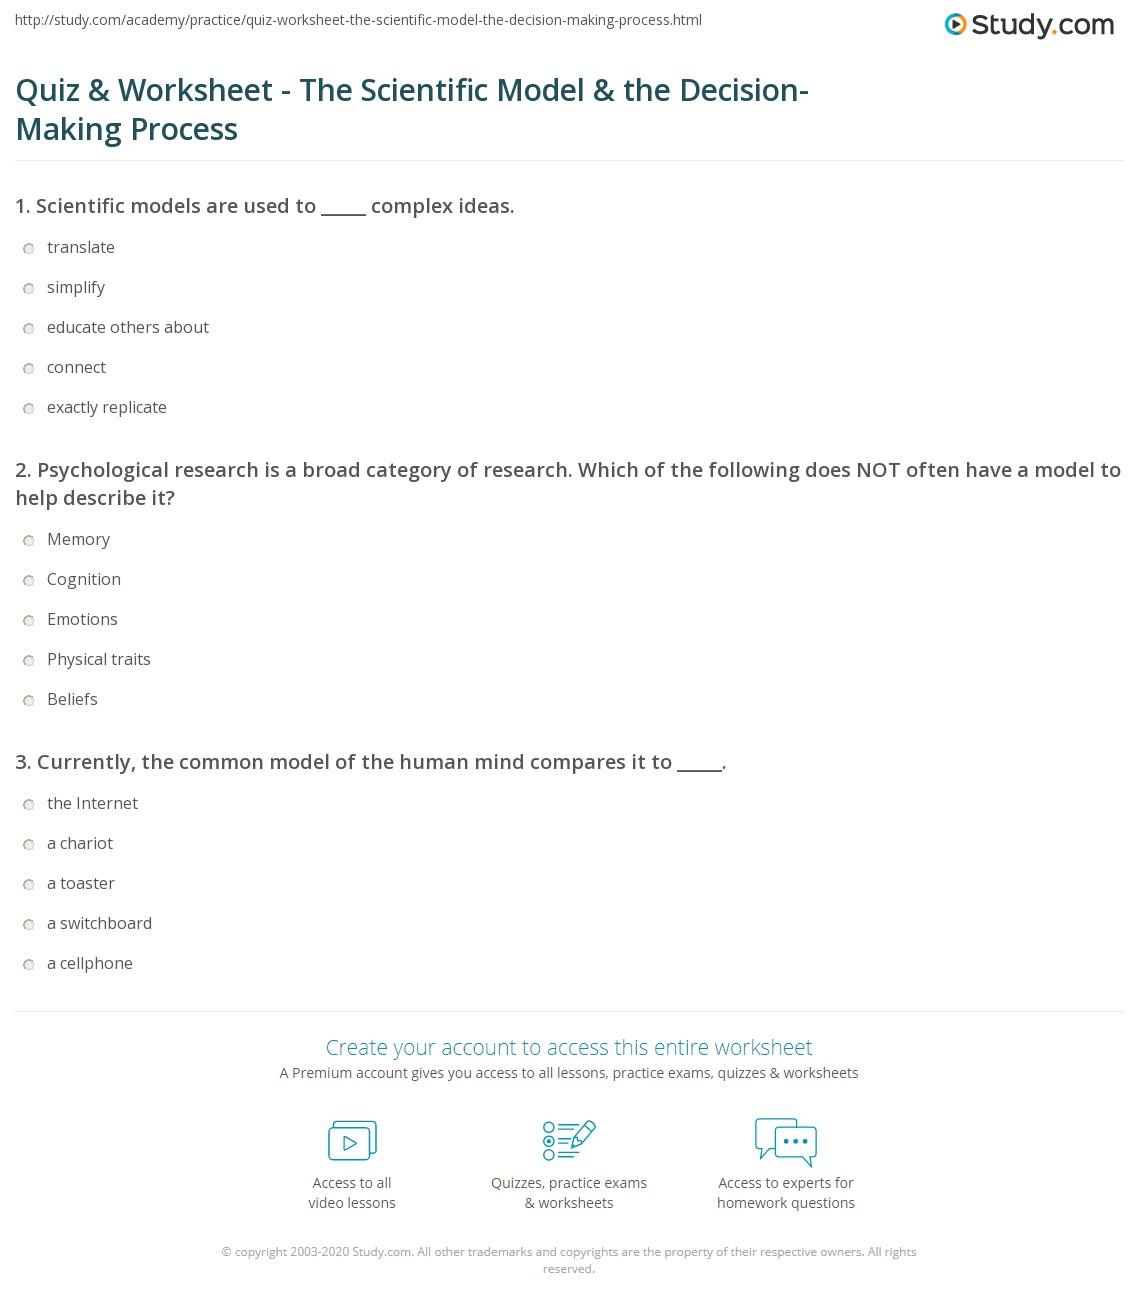 worksheet Science Skills Worksheets quiz worksheet the scientific model decision making print applying to process worksheet